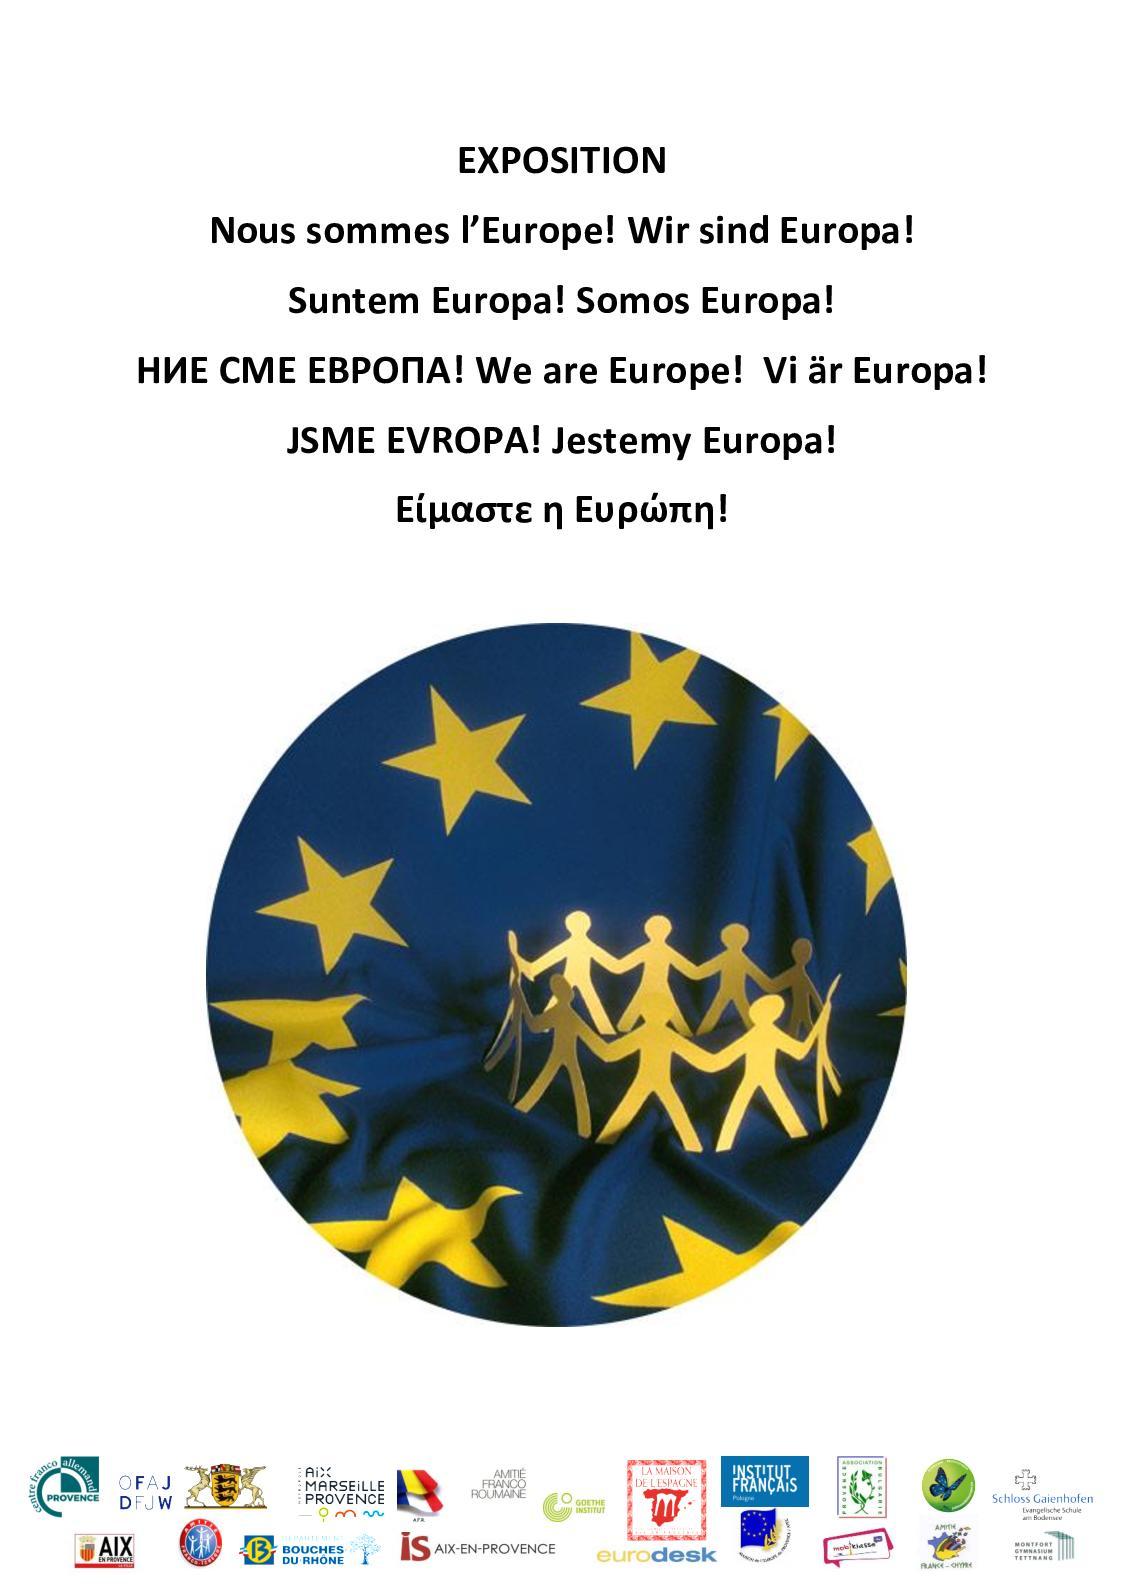 Mouvement Citoyen Alexandre Jardin Frais Calaméo Nous sommes L Europe ние сме европа Of 33 Unique Mouvement Citoyen Alexandre Jardin